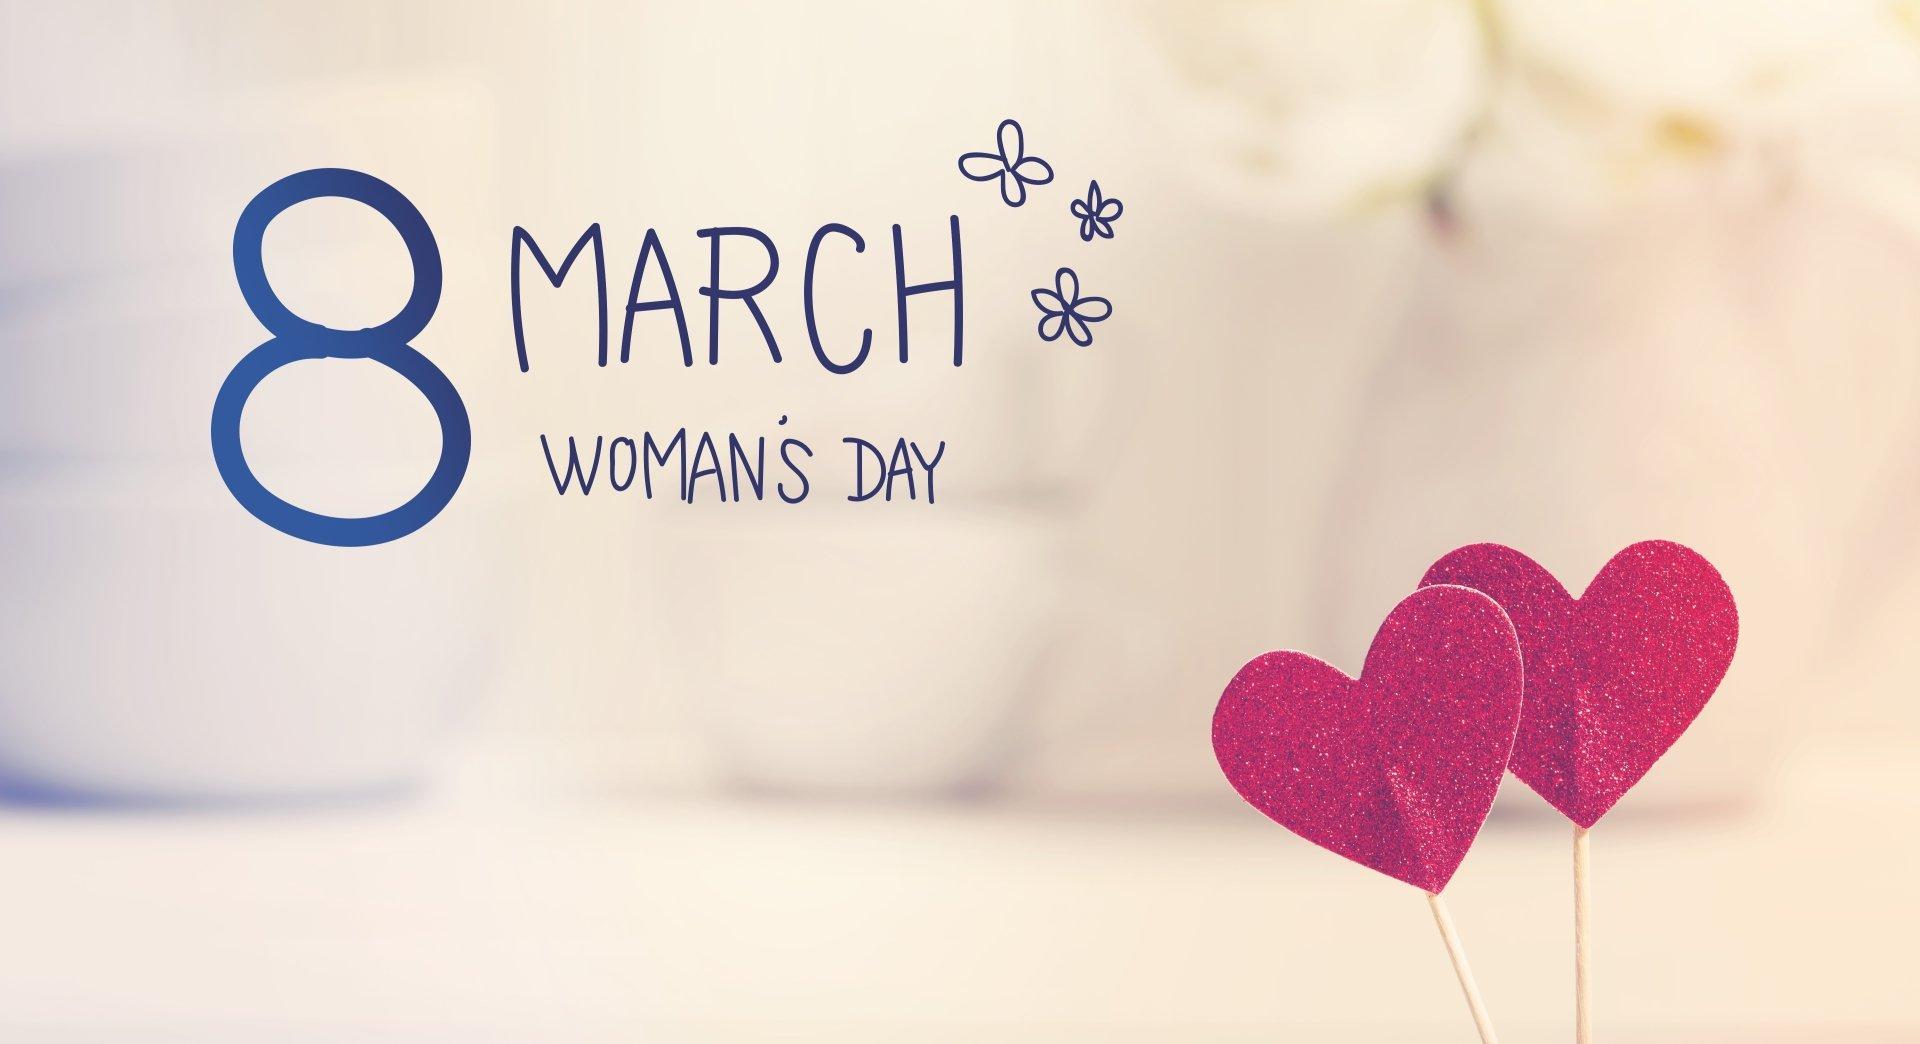 节日 - 妇女节  心形 壁纸